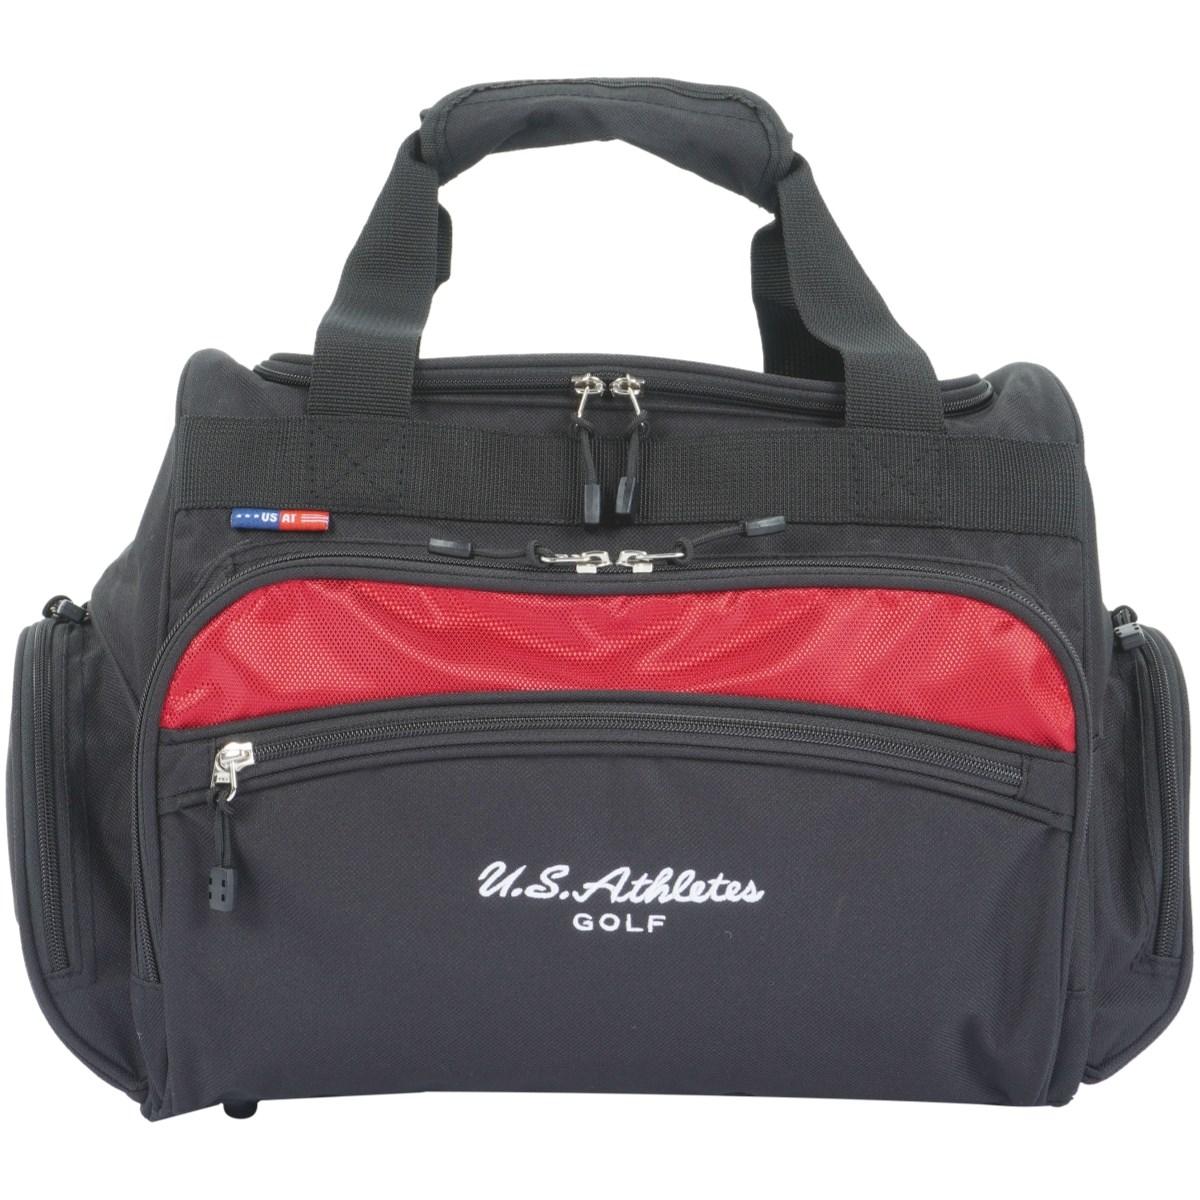 USアスリート ボストンバッグ USBB-2203 ブラック/レッド